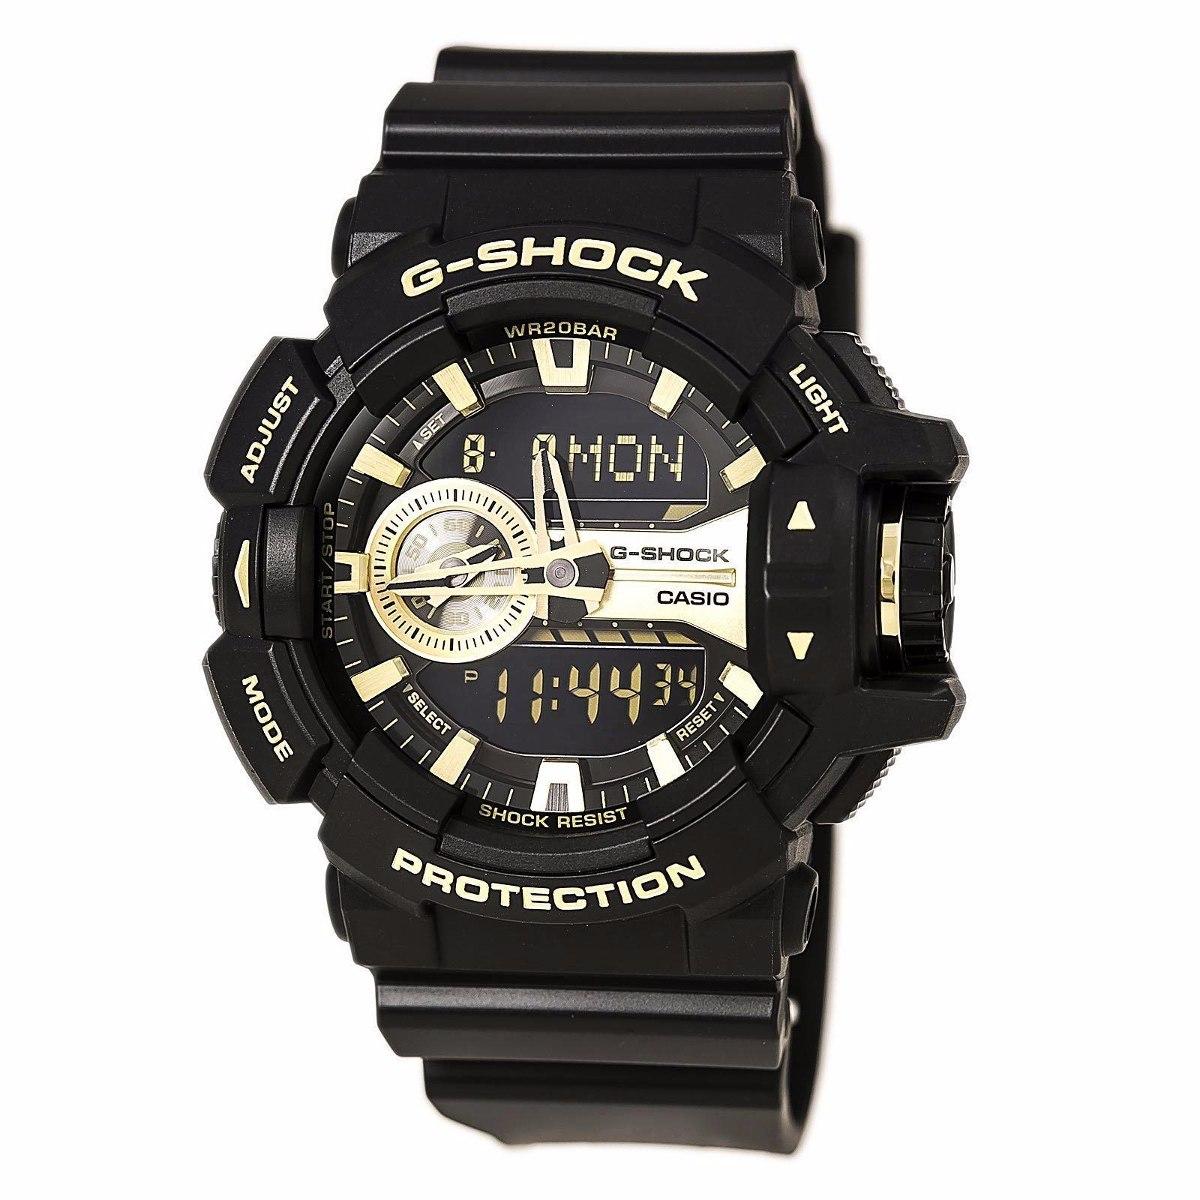 ccc7771b645 relogio casio g-shock ga-400gb-1a9 original manual. Carregando zoom.